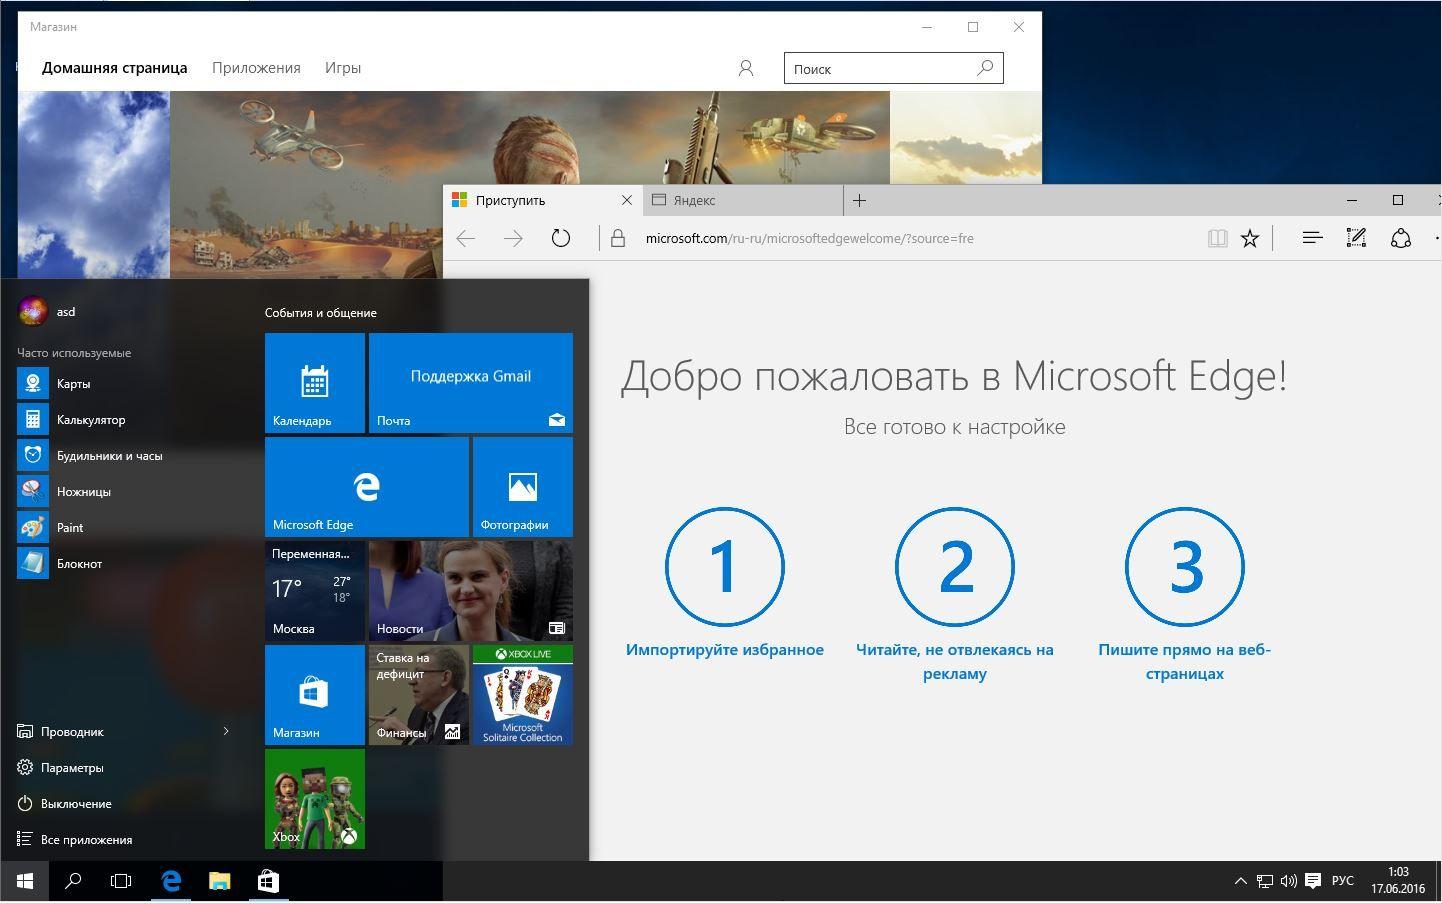 windows 10 pro 10586 th2 release x64 ru torrent #10